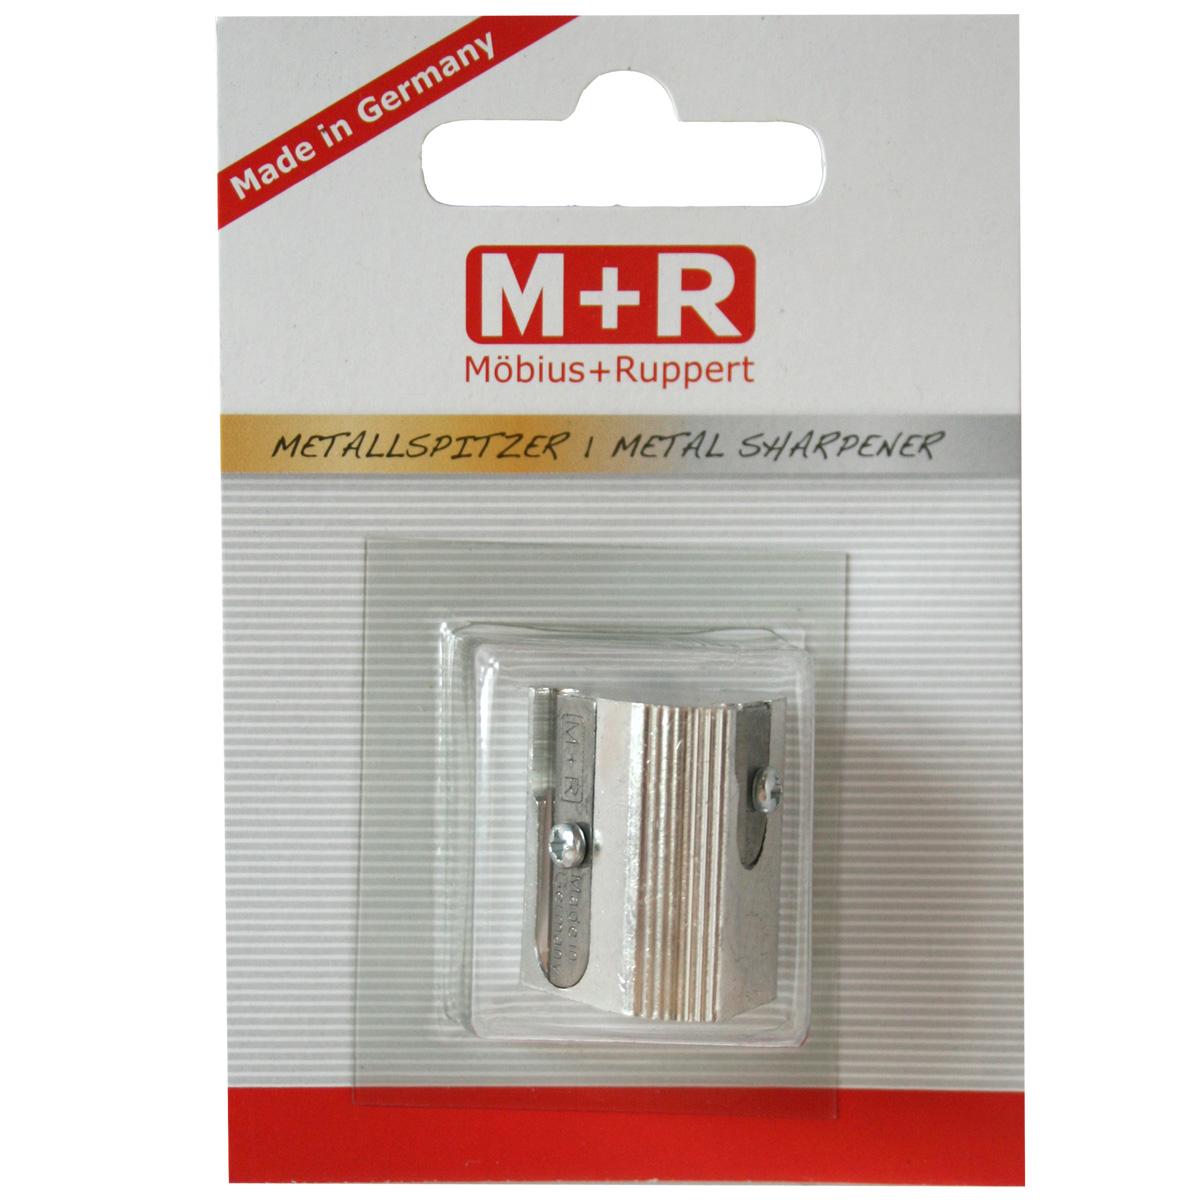 M+R Точилка с тремя отверстиями263221_зеленый/фиолетовыйТочилка M+R выполнена из качественного металла.В точилке имеются три отверстия для карандашей стандартного диаметра. Точилка подходит для заточки чернографитных и цветных карандашей. Эргономичная оригинальная форма сделает эту точилку незаменимым аксессуаром среди ваших канцелярских принадлежностей.